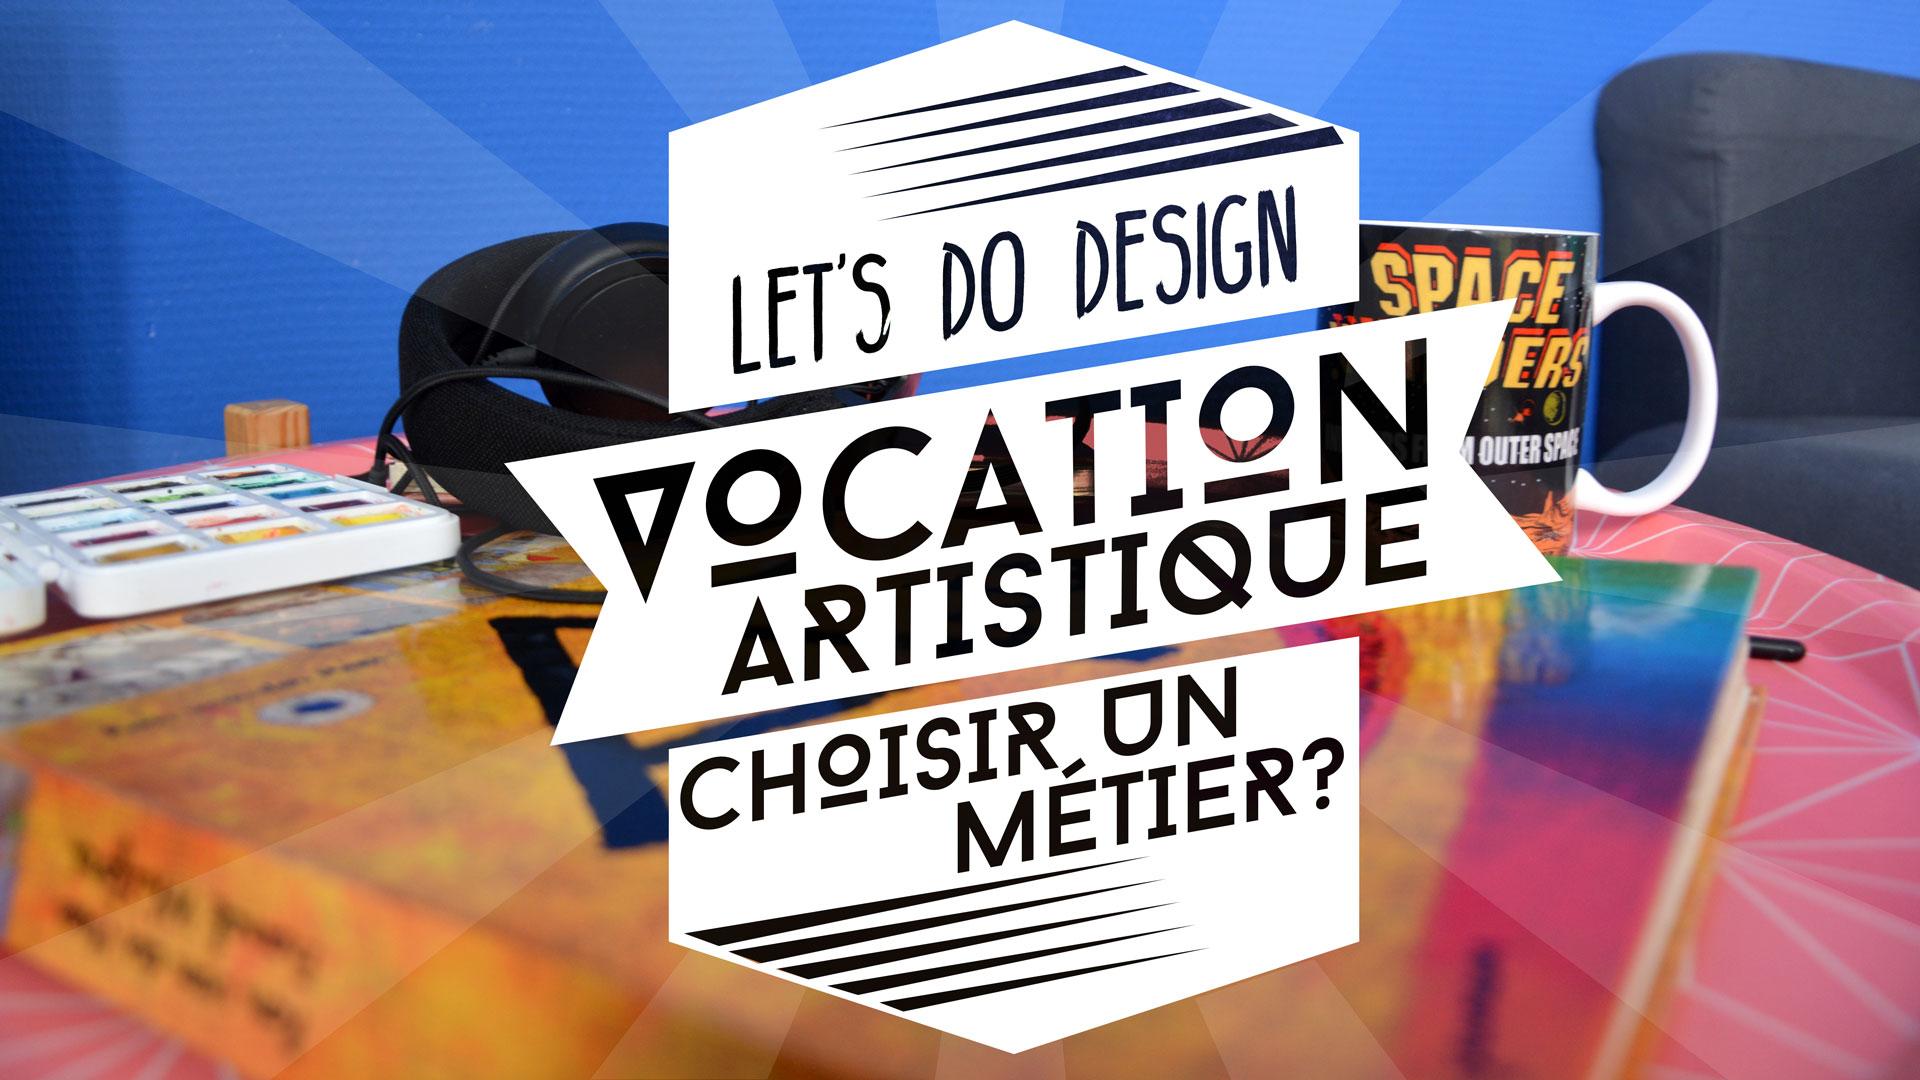 Choisir un métier? La vocation artistique… ou pas!